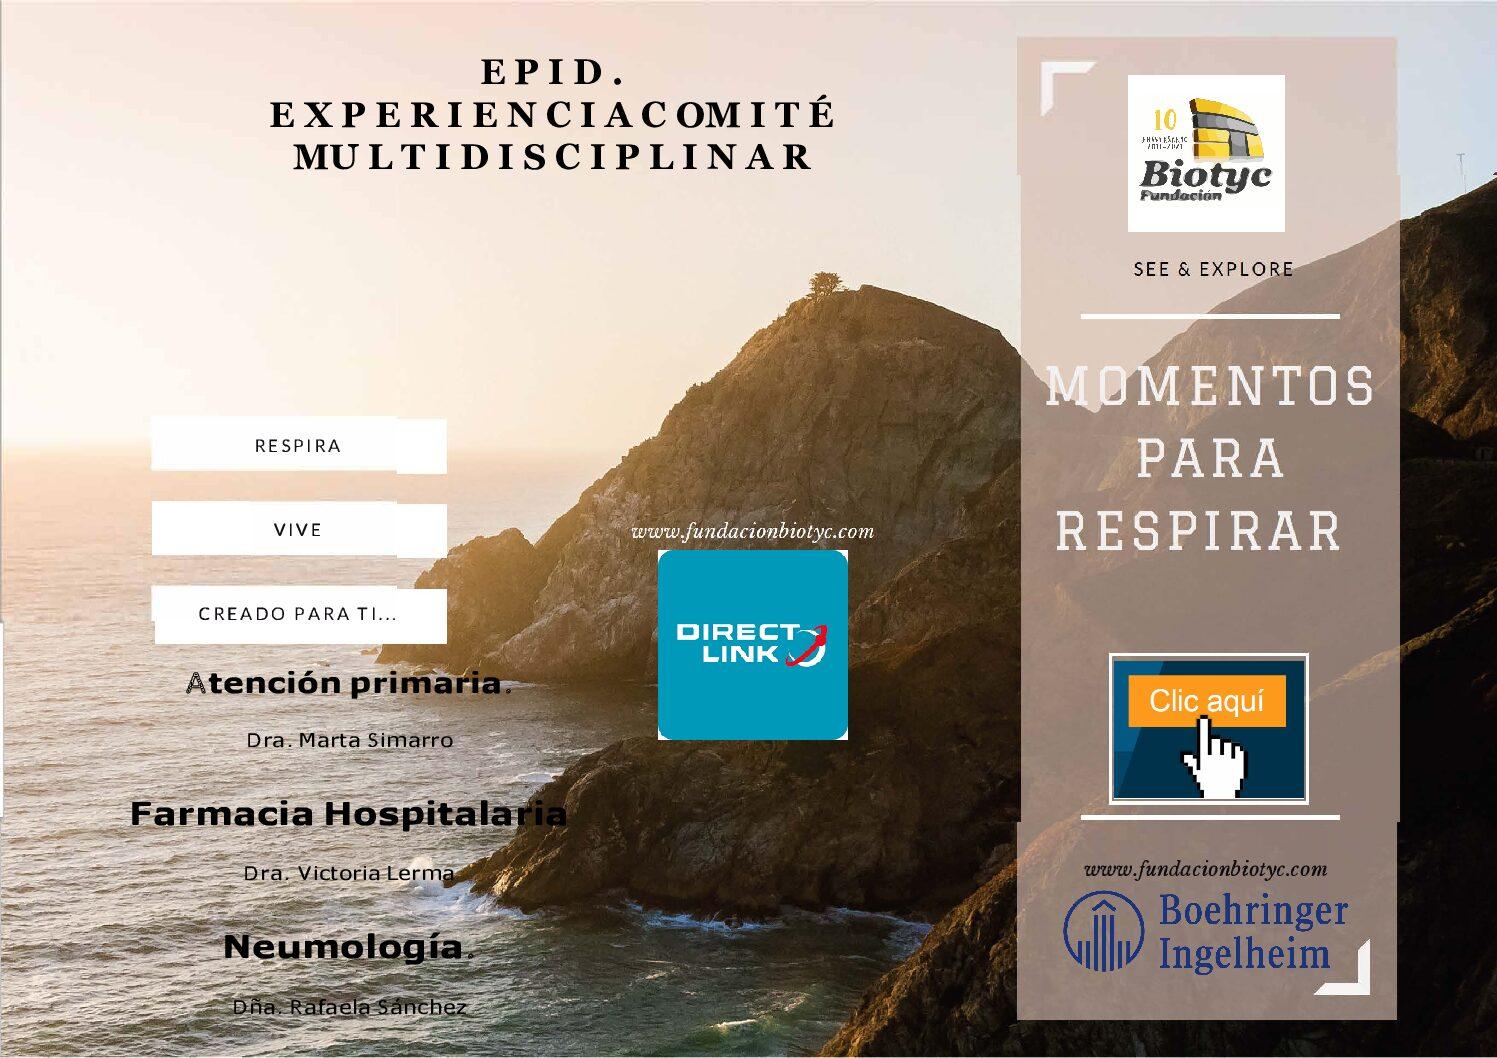 EPID experiencias en comité multidisciplinar